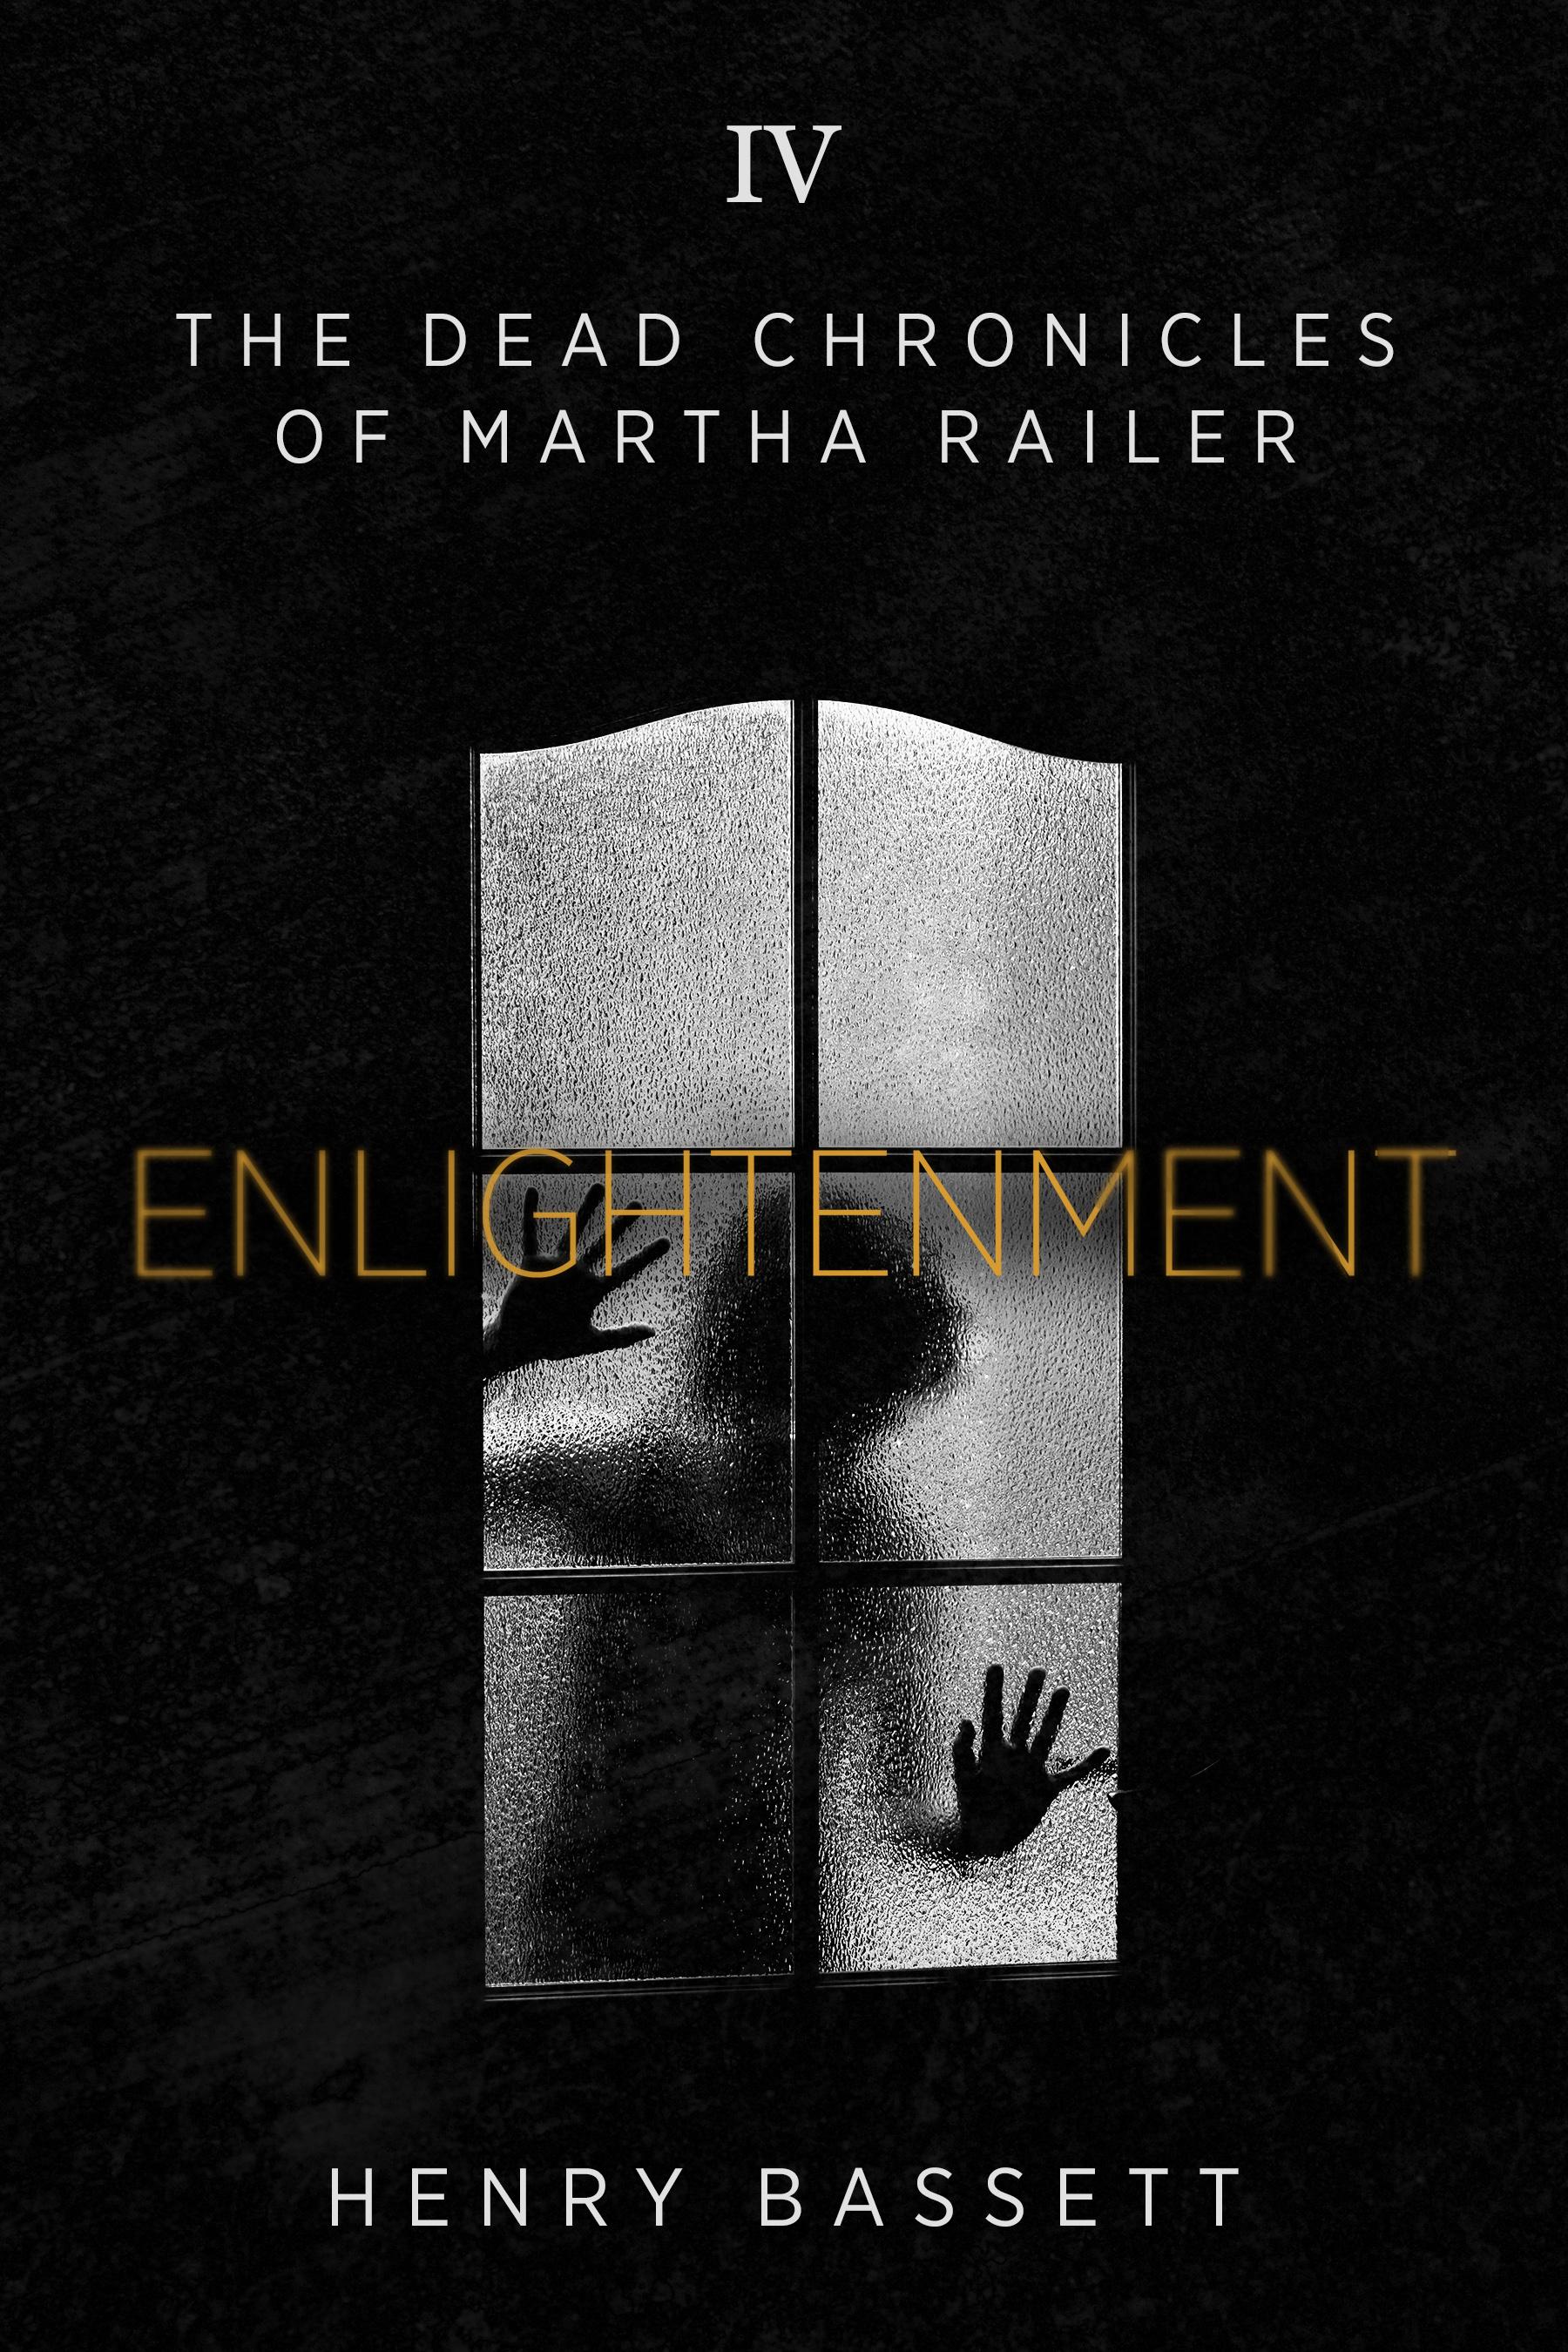 Enlightenment (The Dead Chronicles of Martha Railer) by Henry Bassett